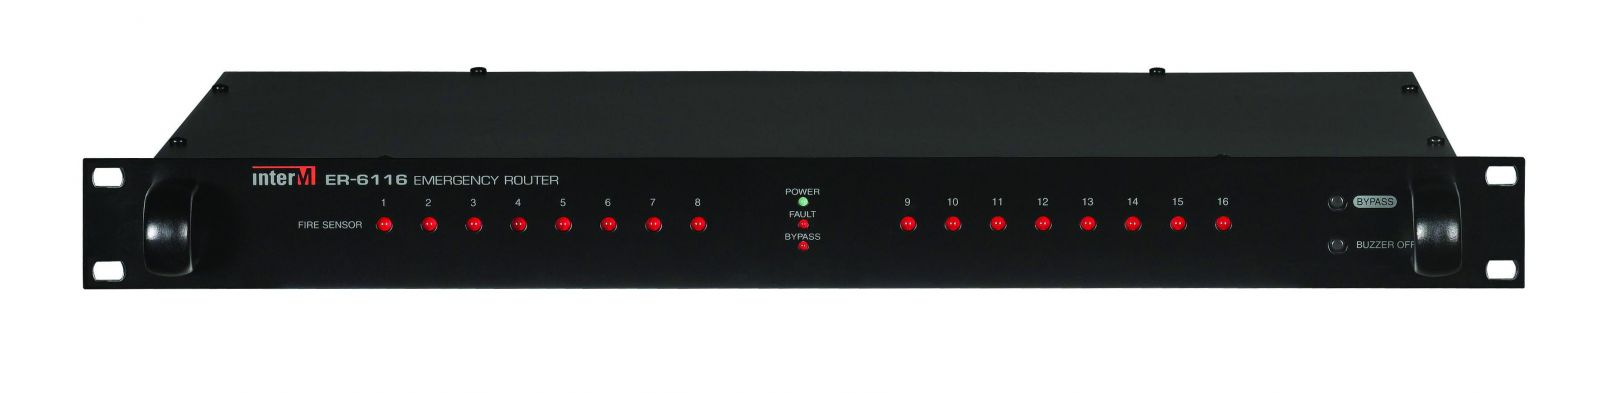 Định tuyến báo cháy - ER-6116